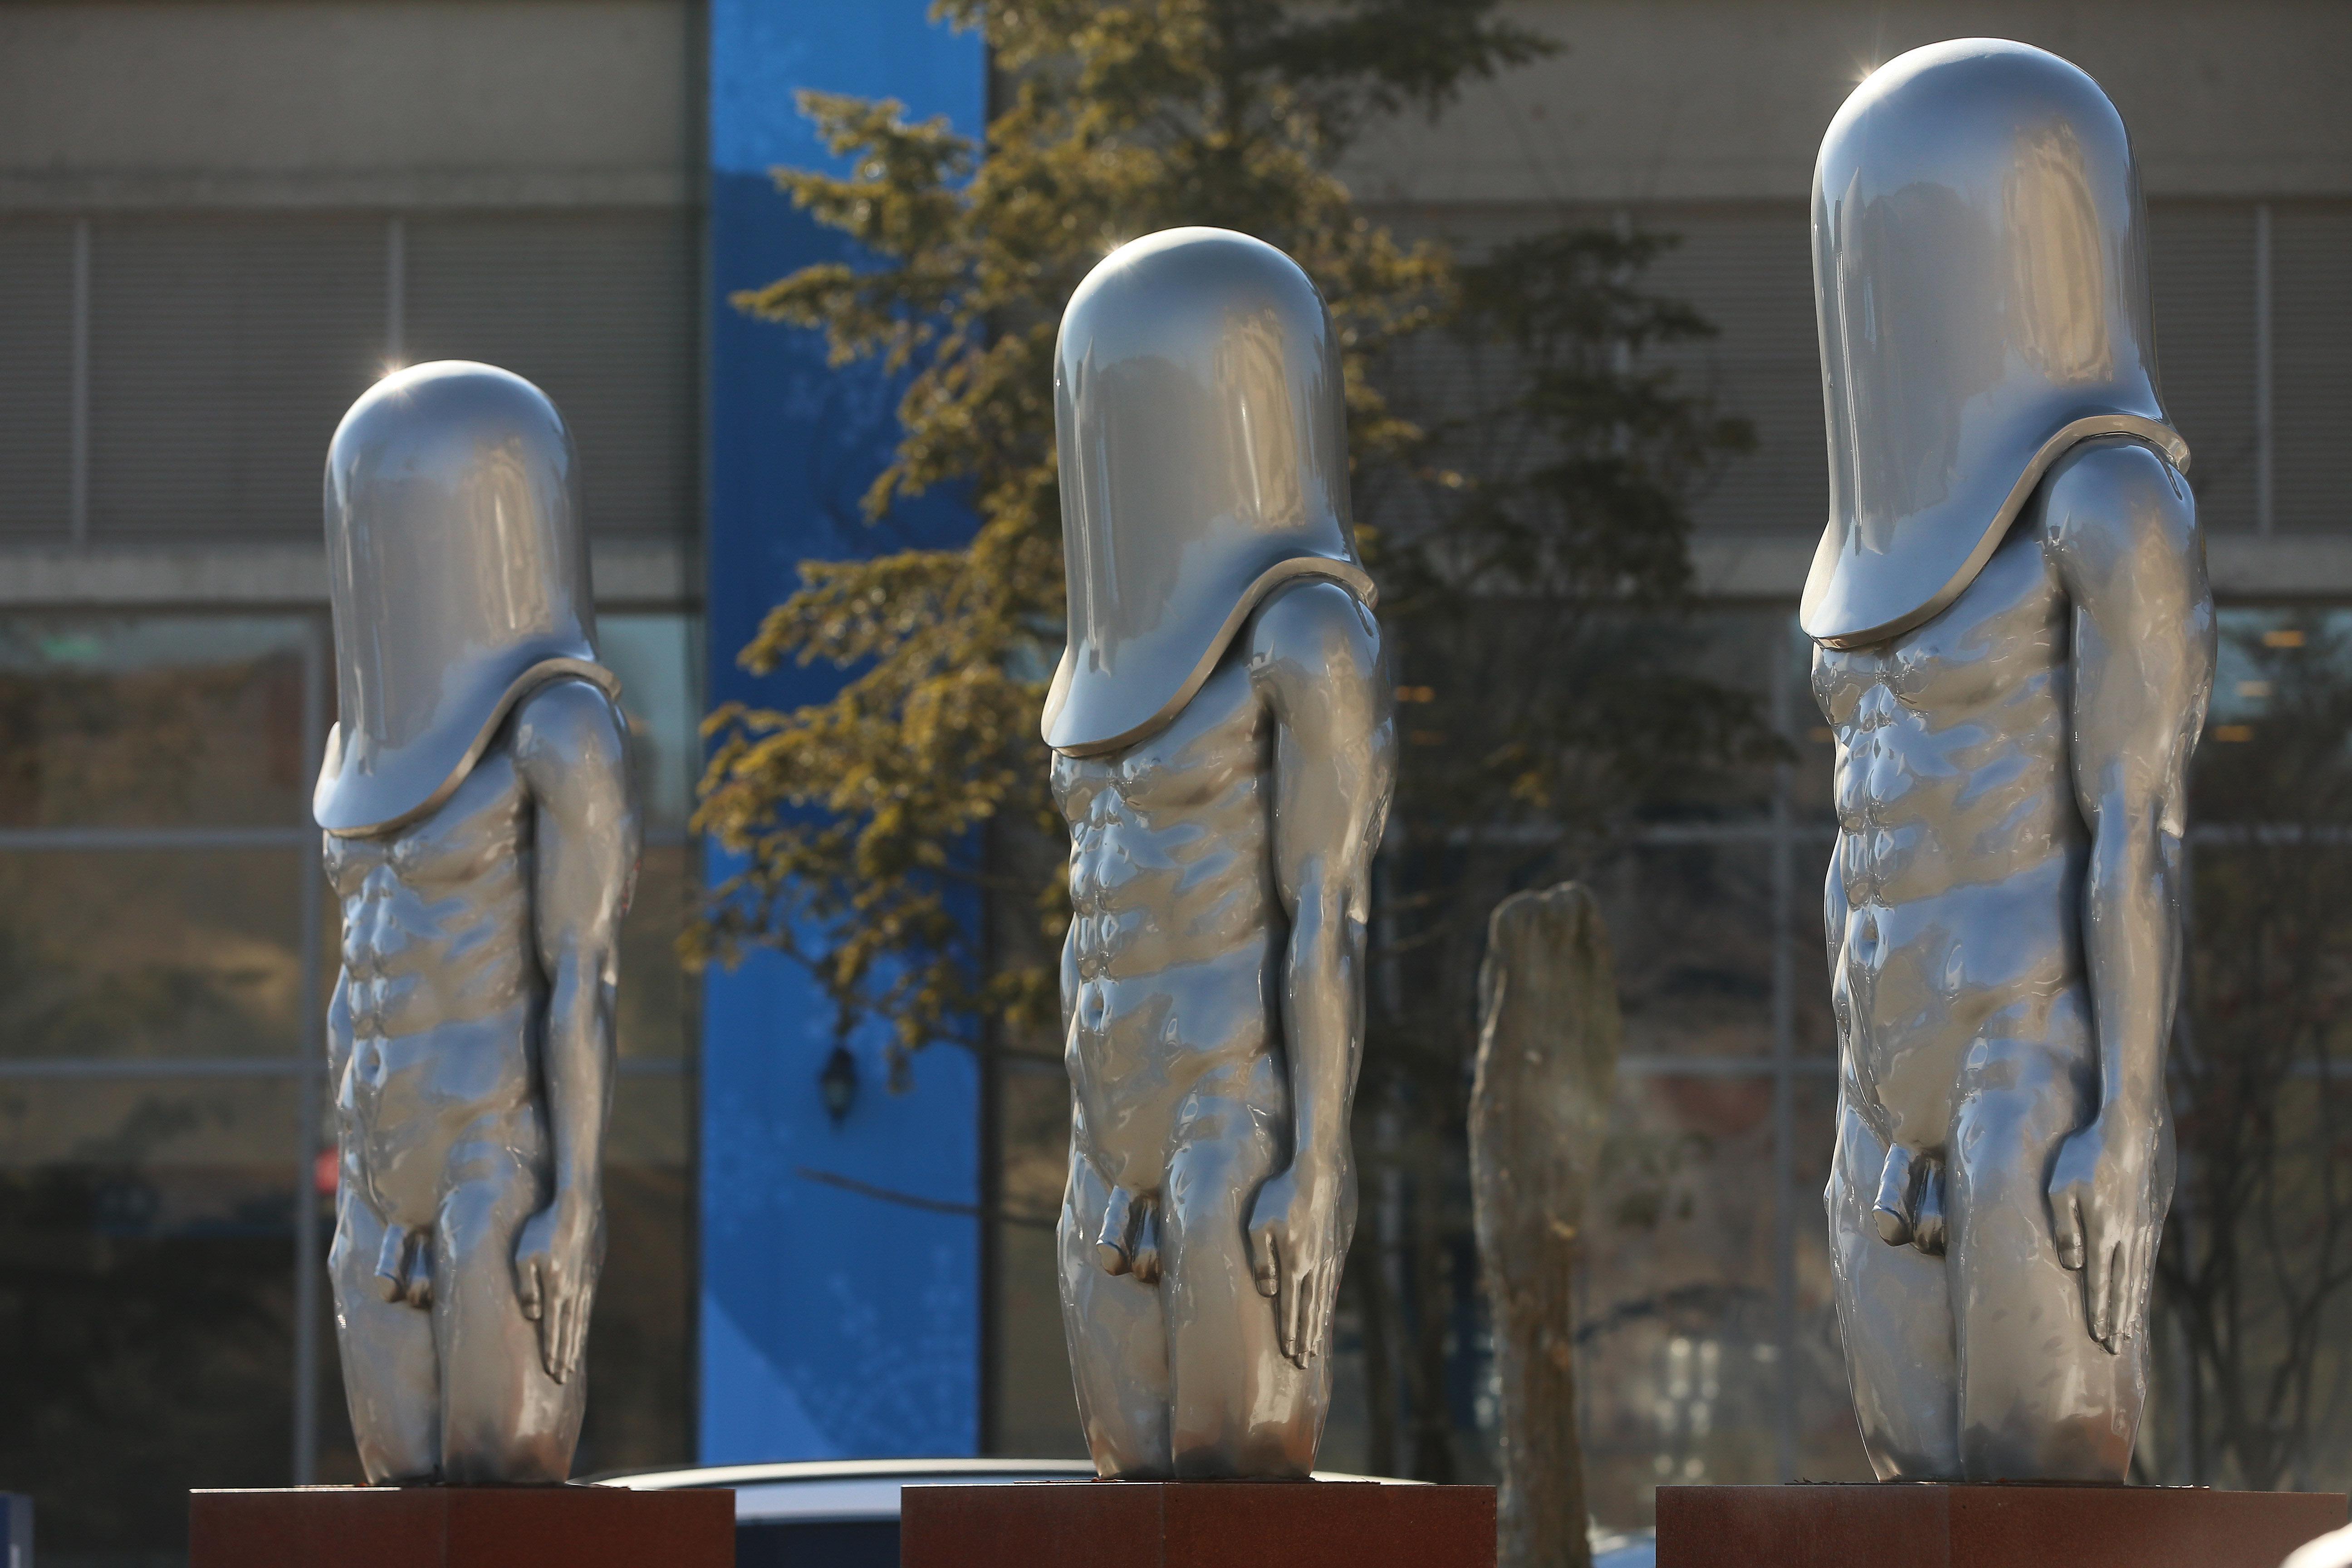 일본 SNS 유저들에게 평창 올림픽 프레스센터의 동상이 화제가